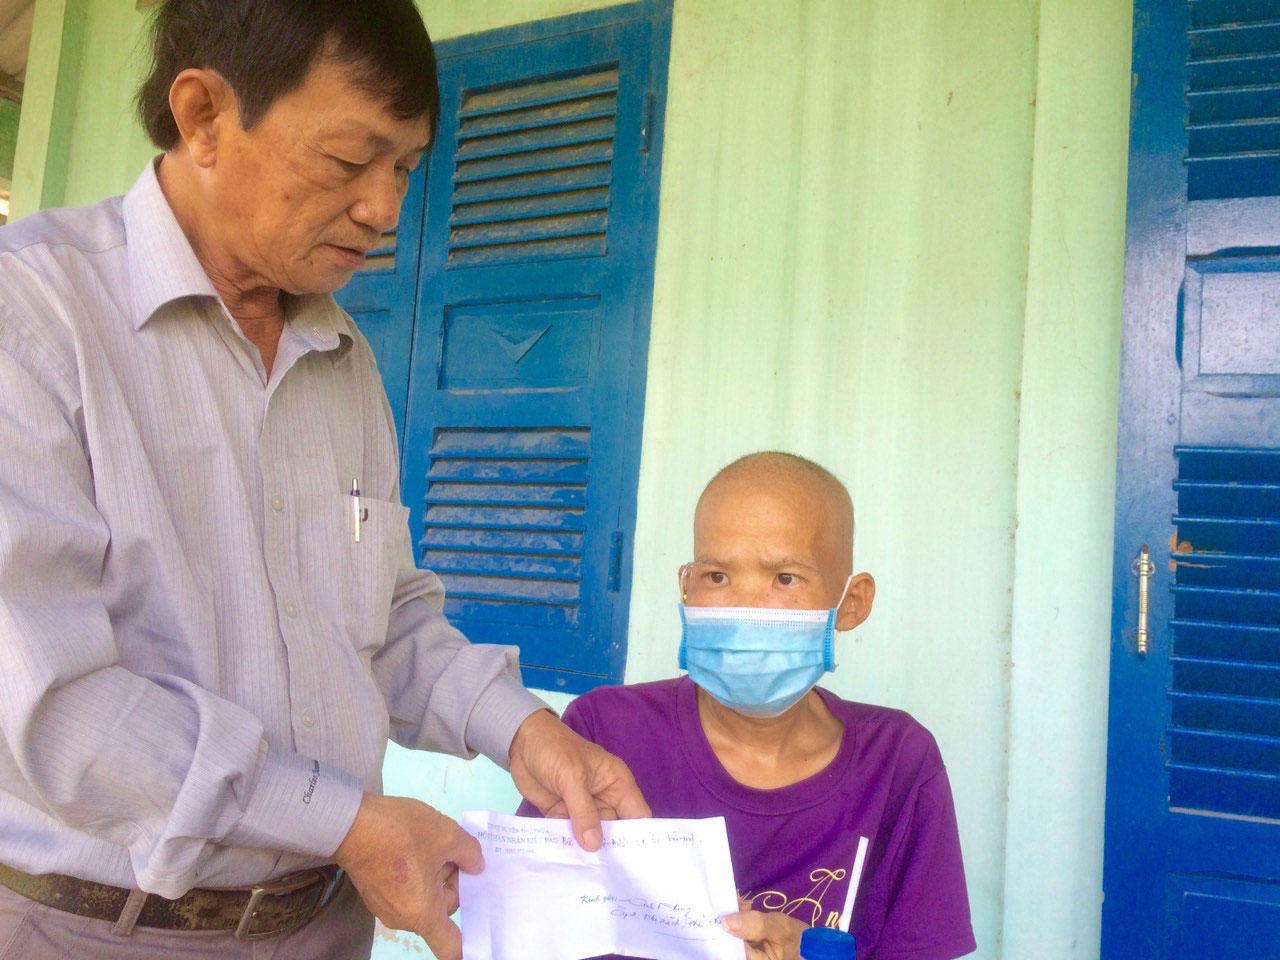 Hội Thân nhân kiều bào huyện Thủ Thừa hỗ trợ tiền cho trường hợp bệnh nhân có hoàn cảnh khó khăn, bệnh hiểm nghèo